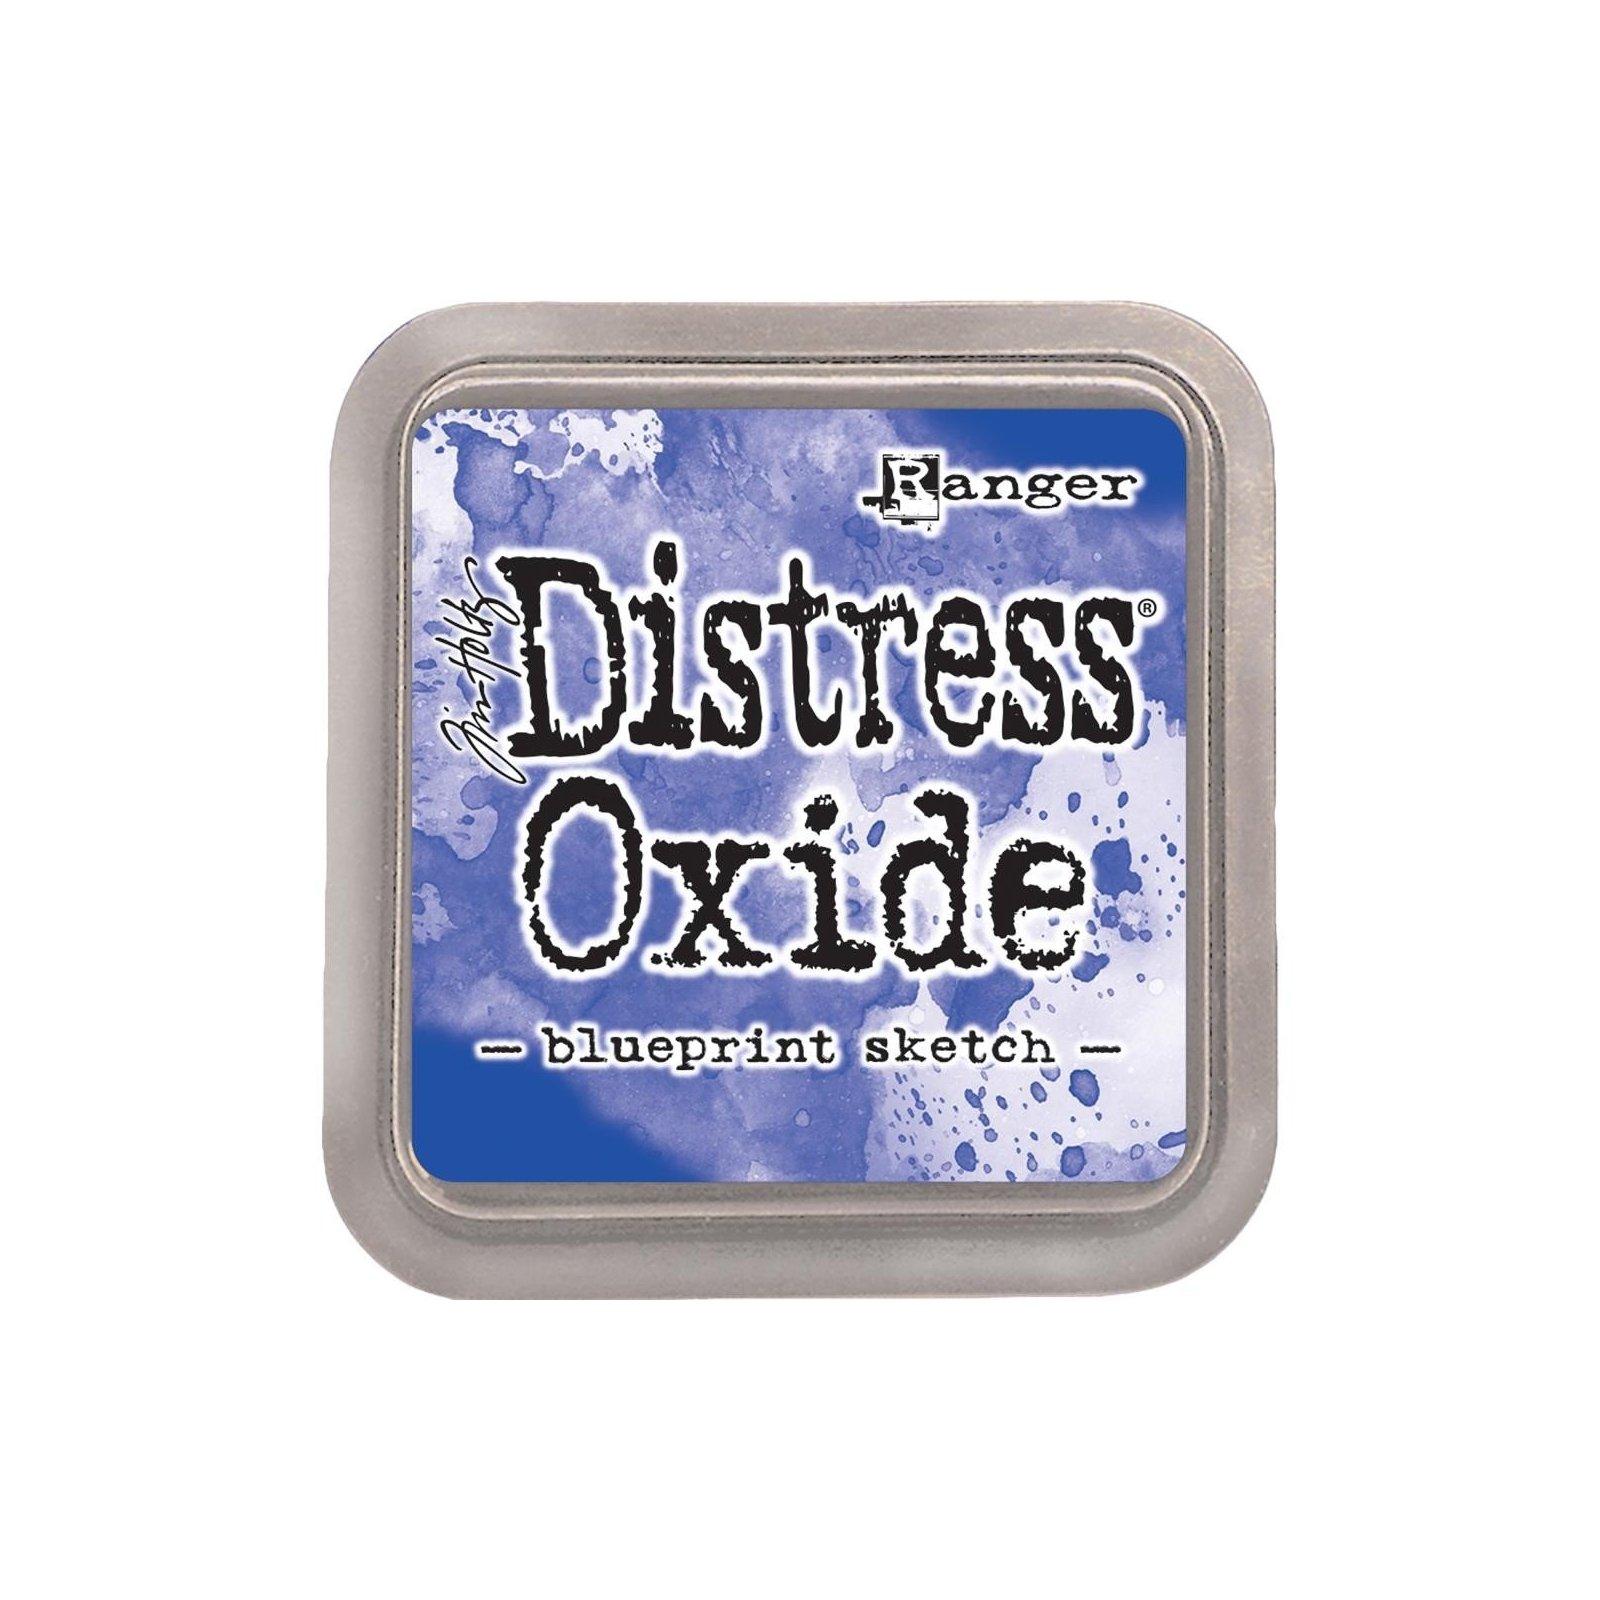 Grand encreur vert sapin Distress Oxide - Forest moss - Ranger